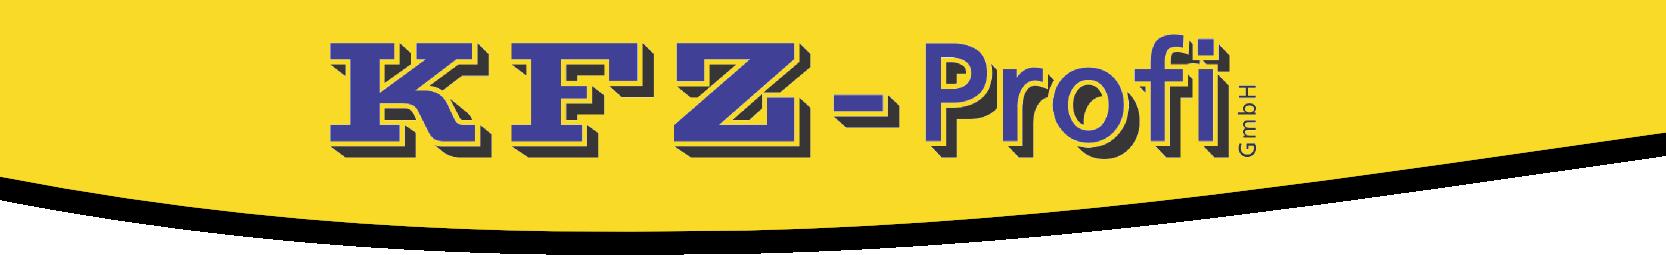 KFZPROFI Logo